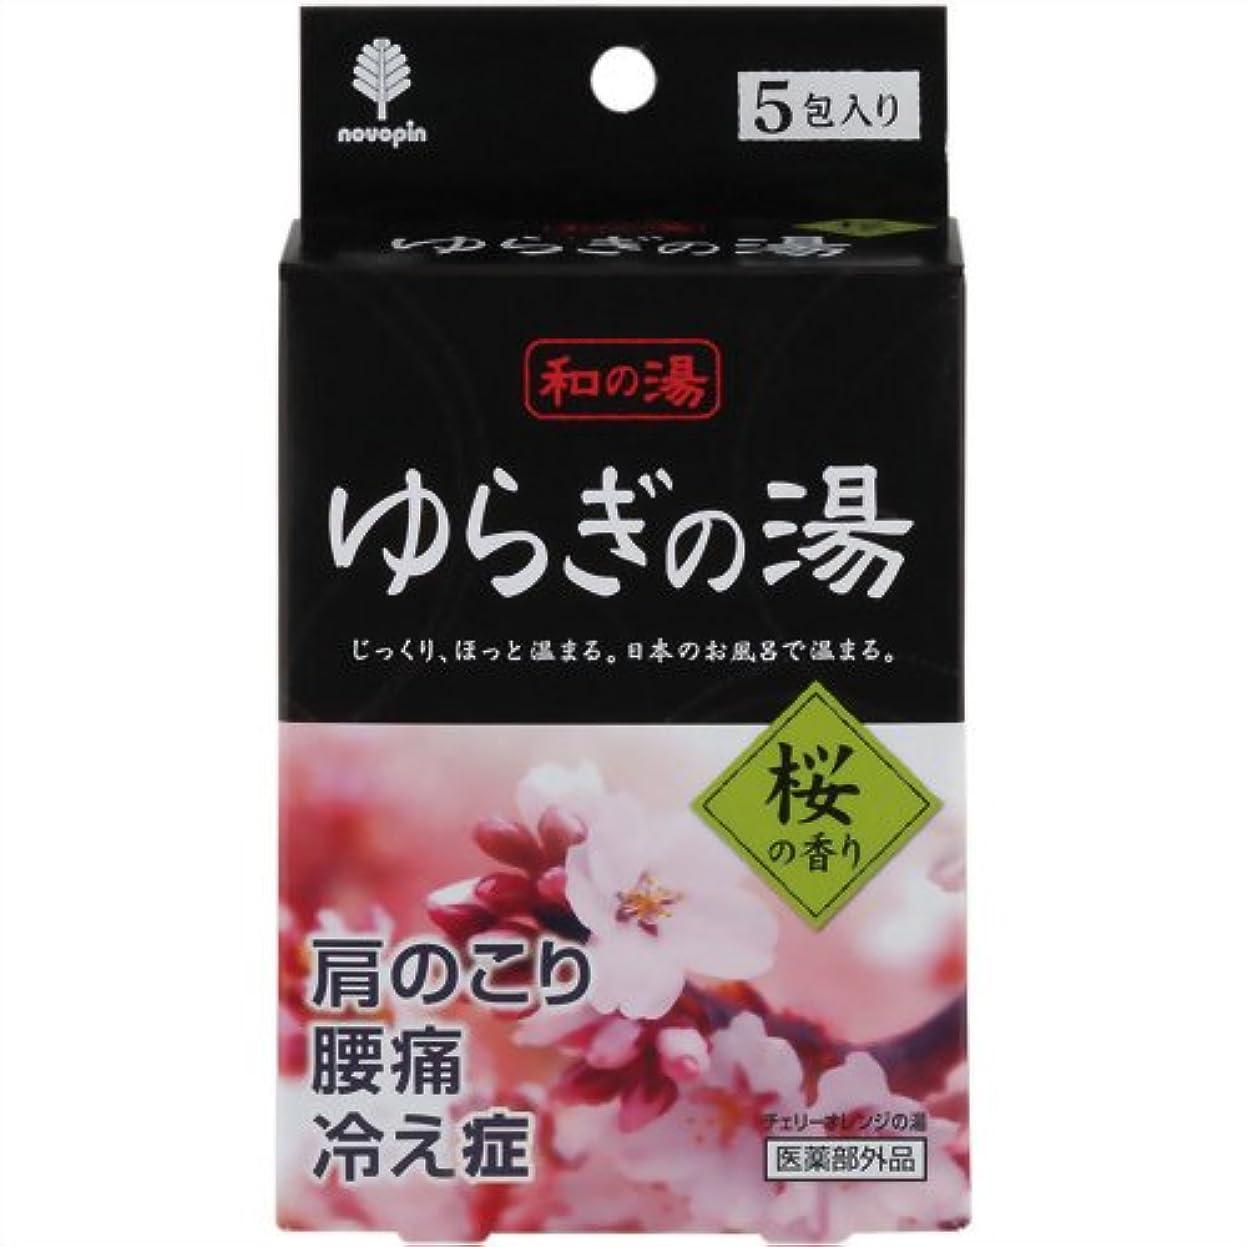 義務づけるためにり和の湯 ゆらぎの湯 桜の香り